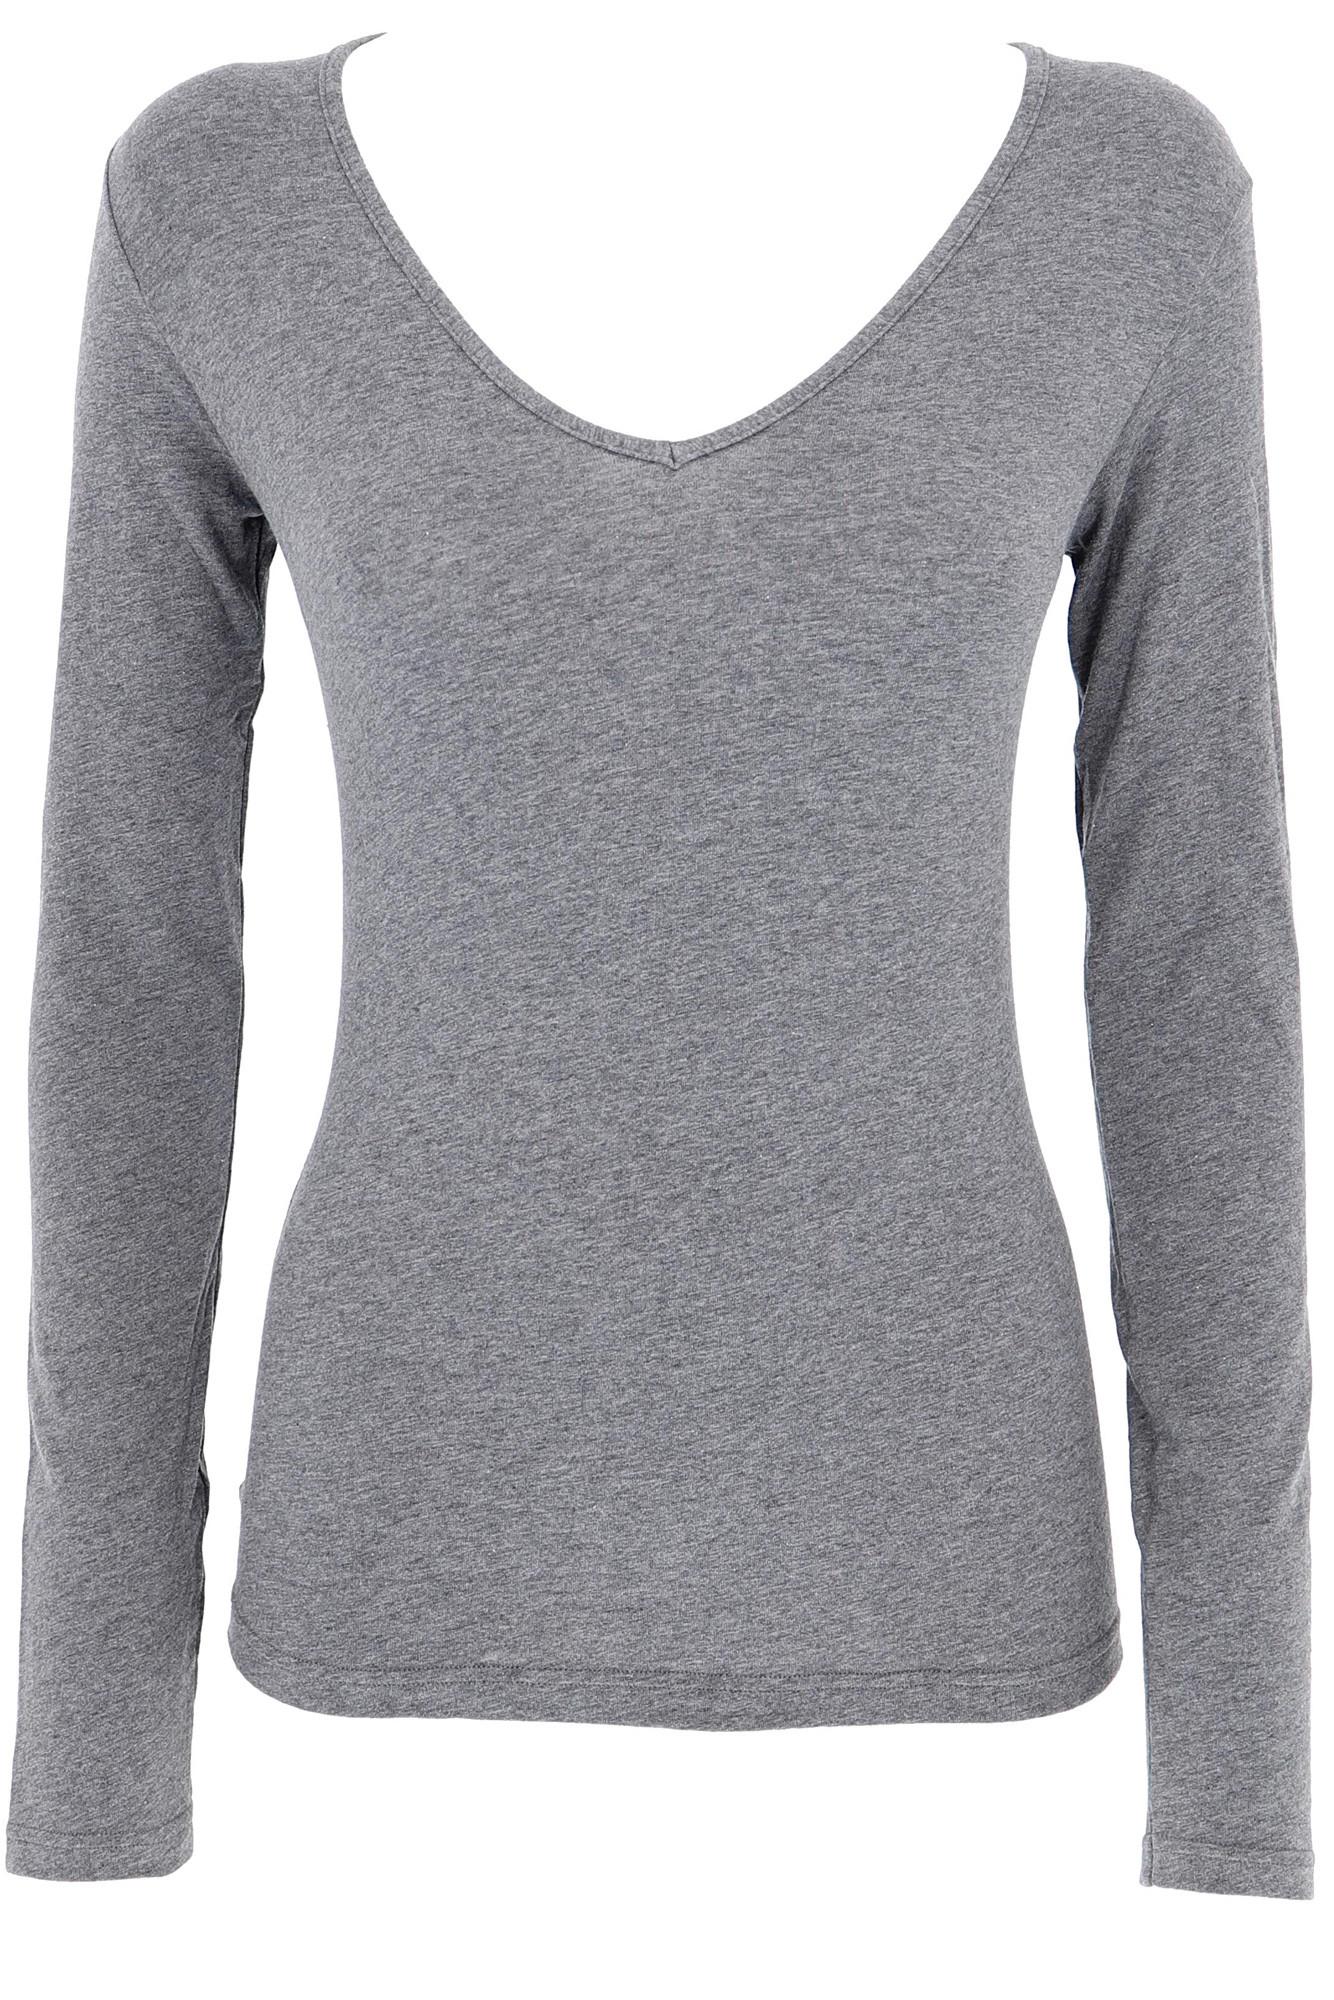 Cotonella Jednobarevné bavlněné tričko s dlouhým rukávem BASIC 660543